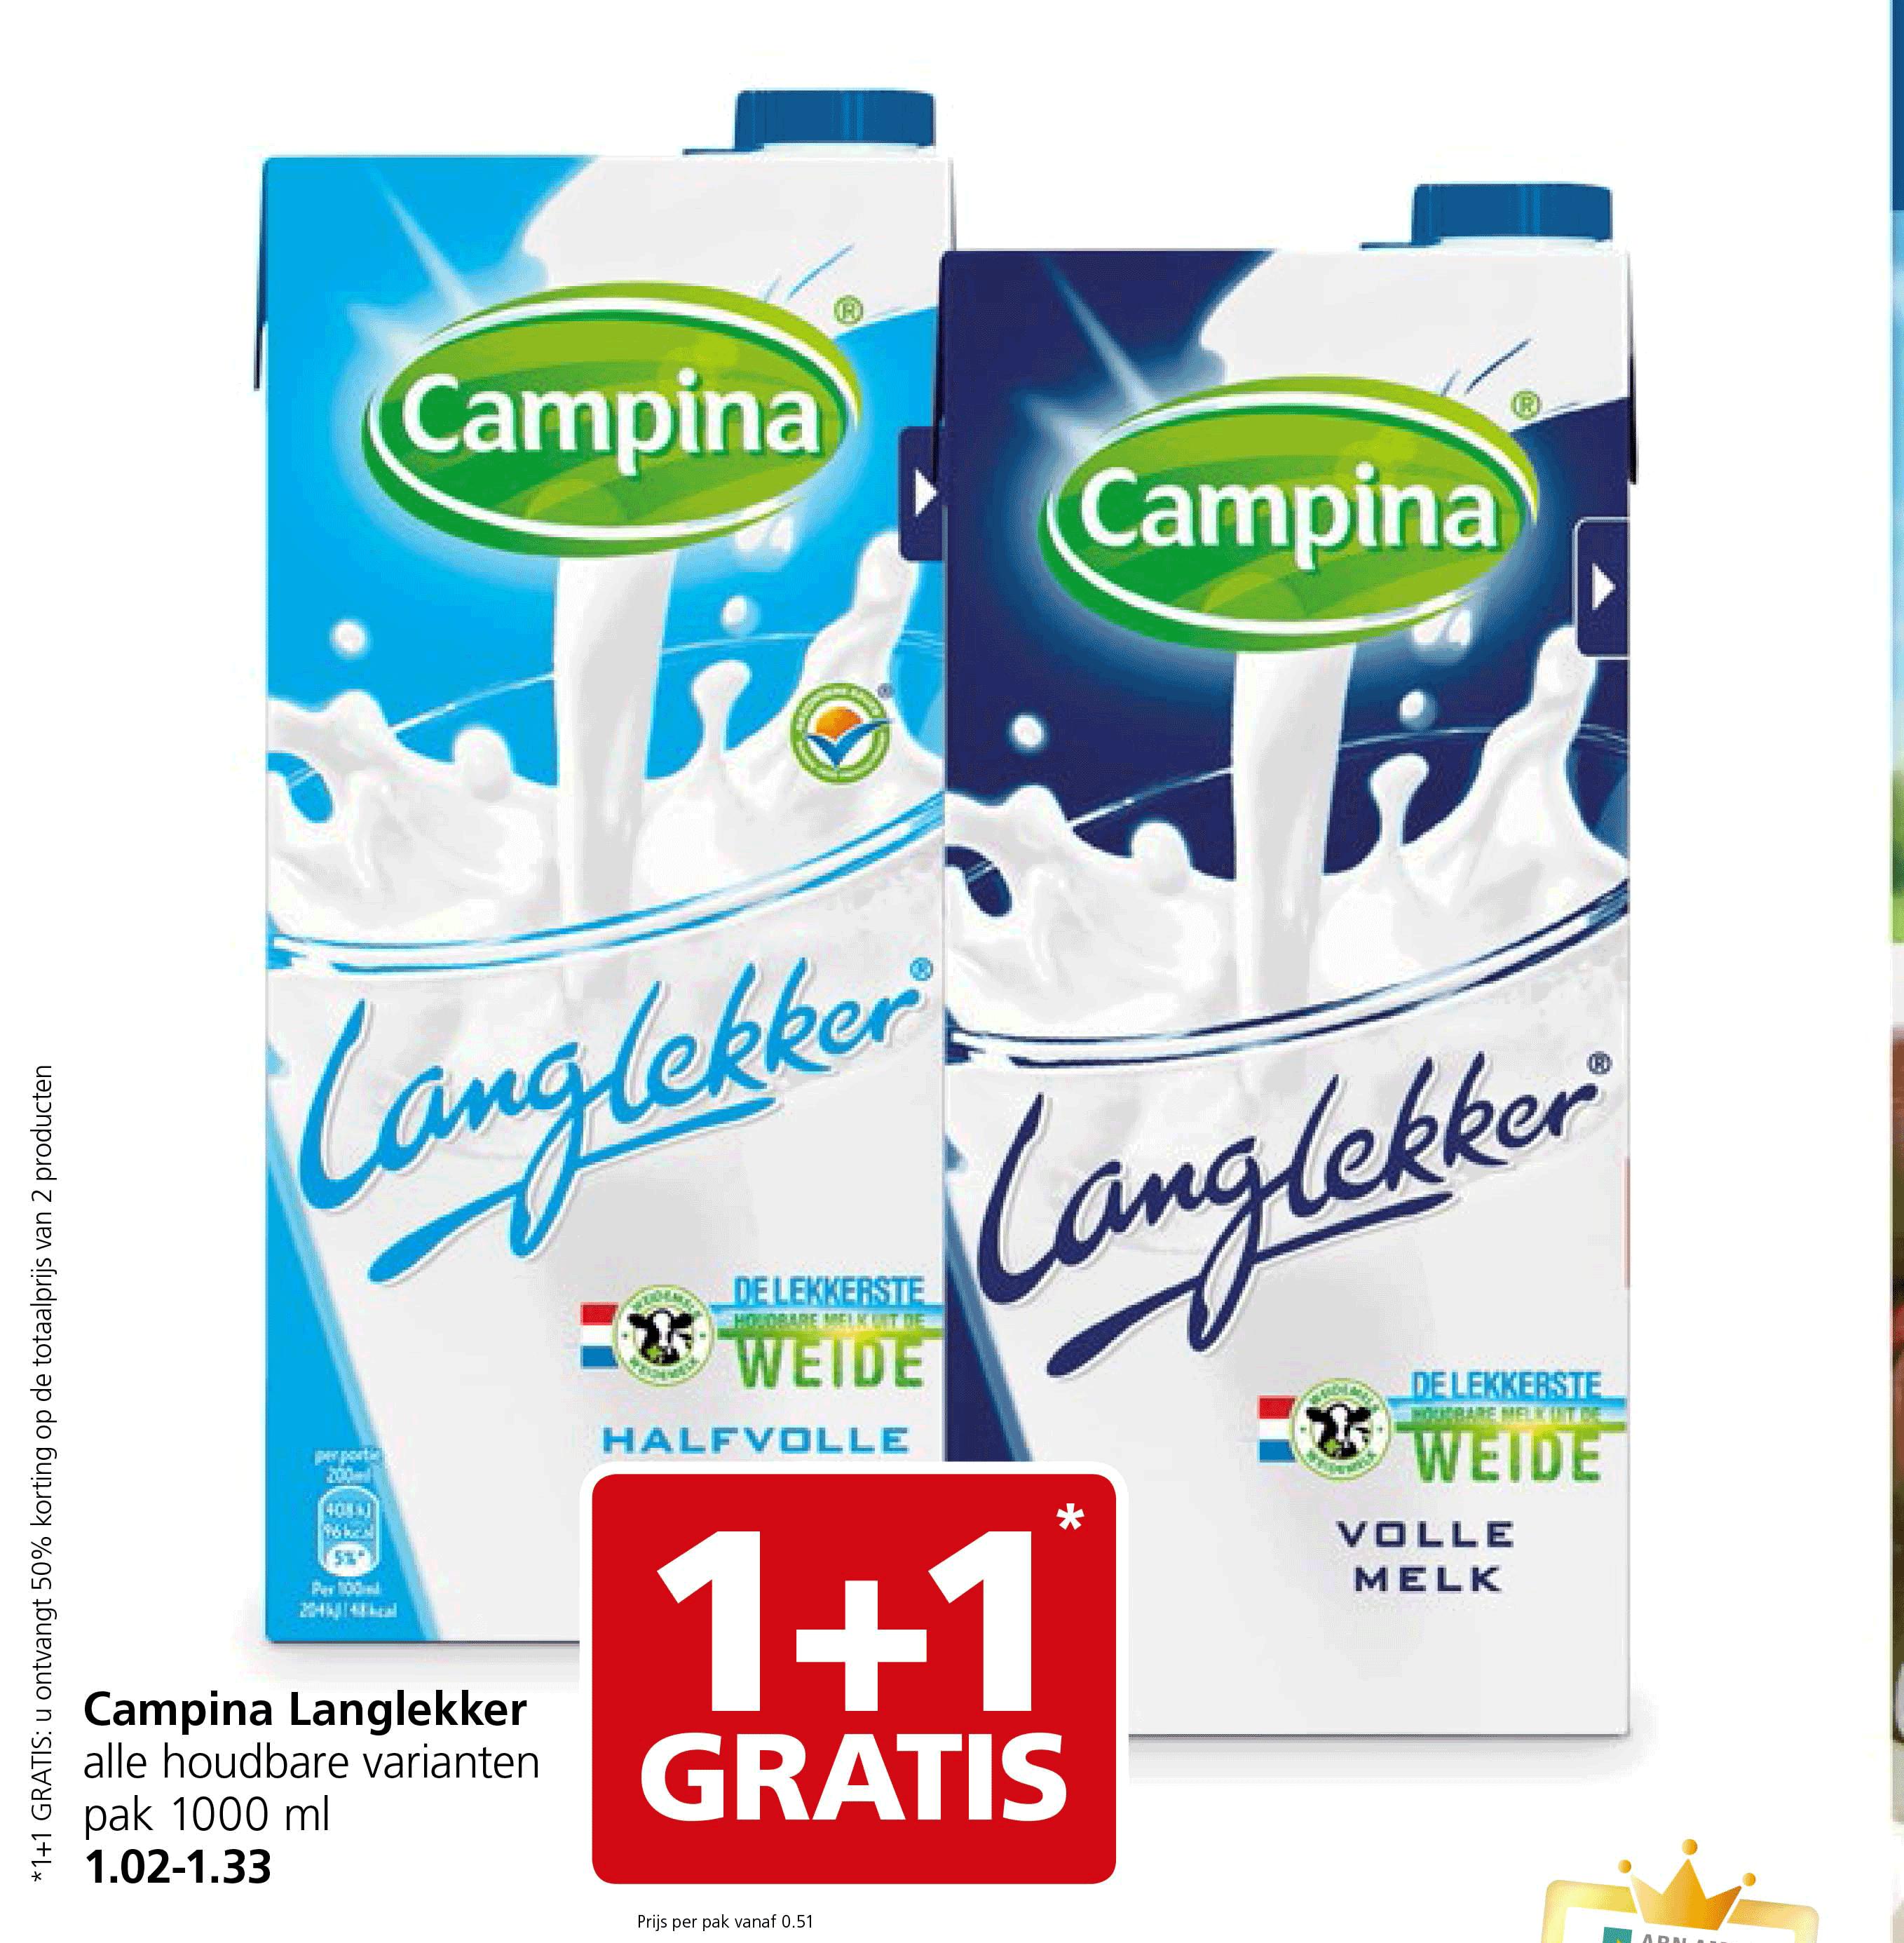 Jan Linders Campina Langlekker: 1+1 Gratis